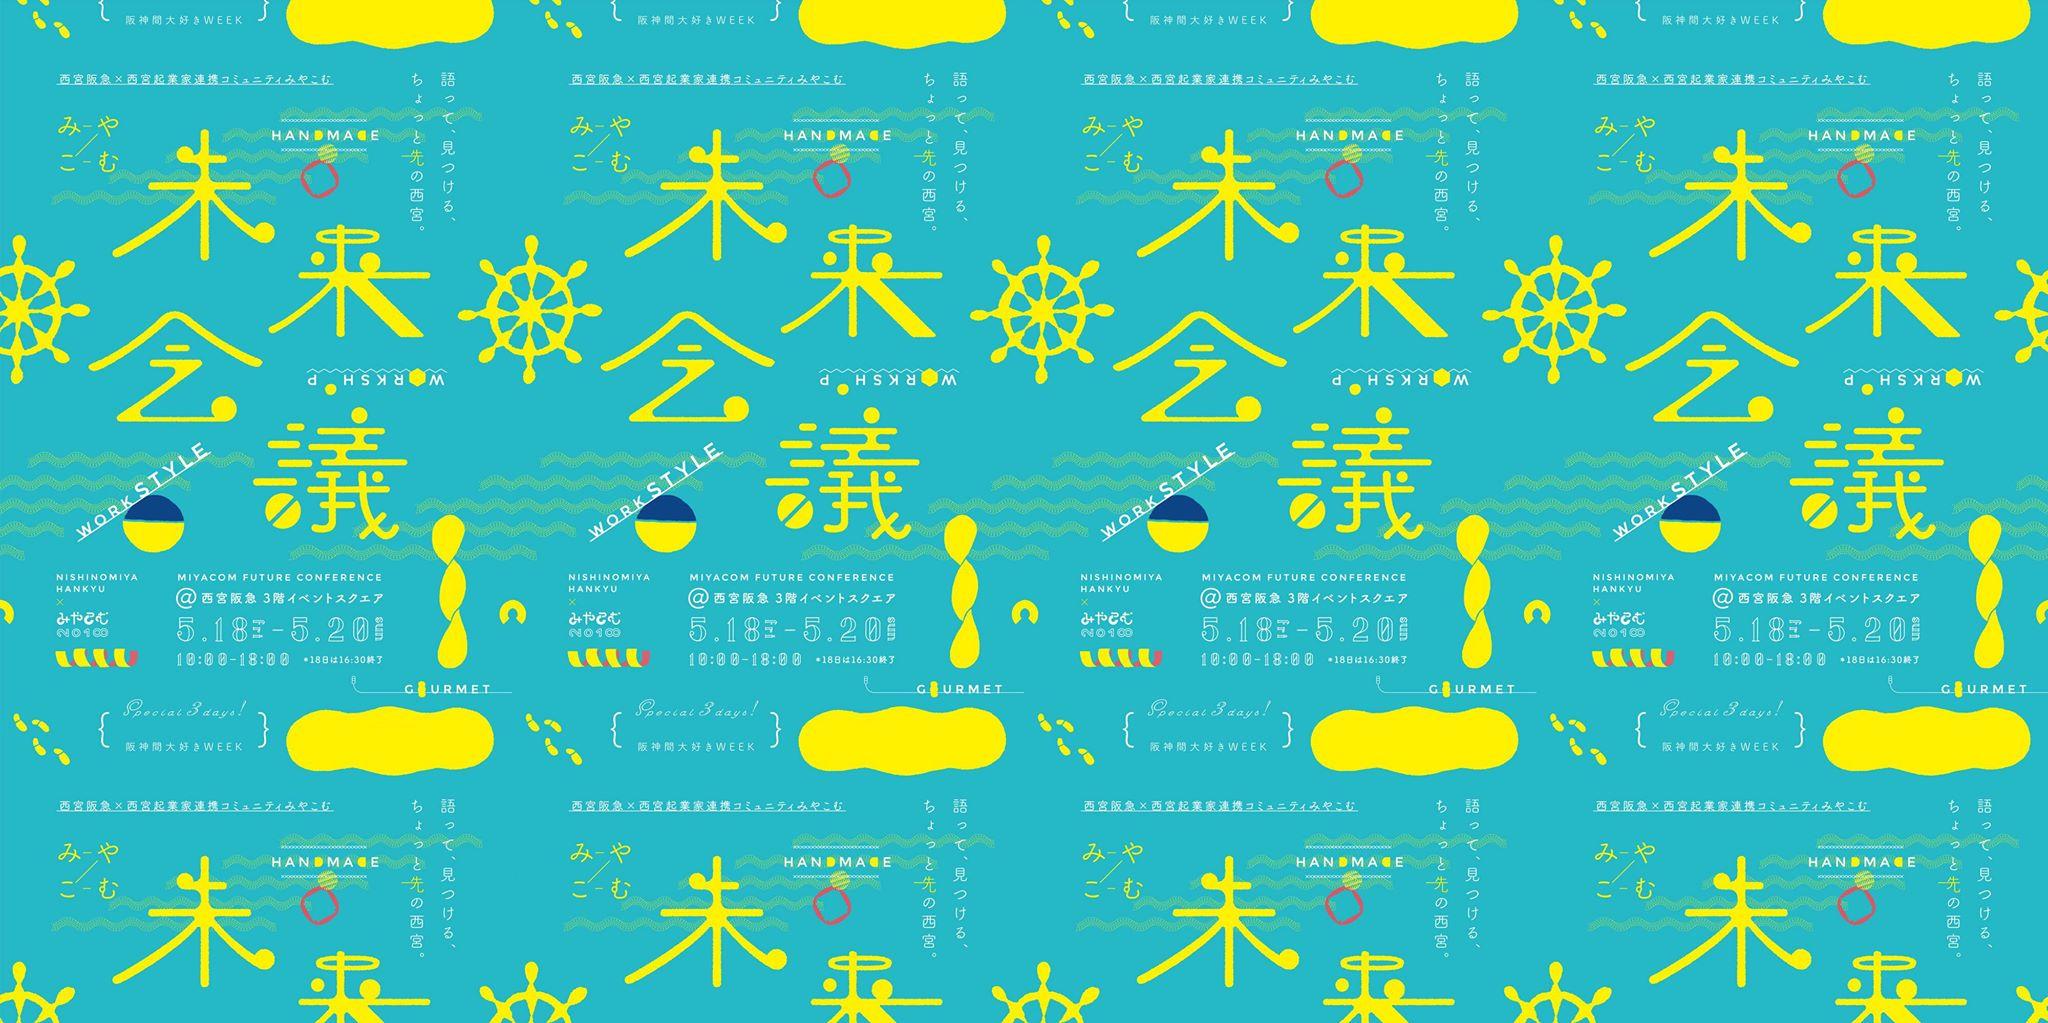 みやこむ未来会議@西宮阪急、ヴィジュアルデザイン